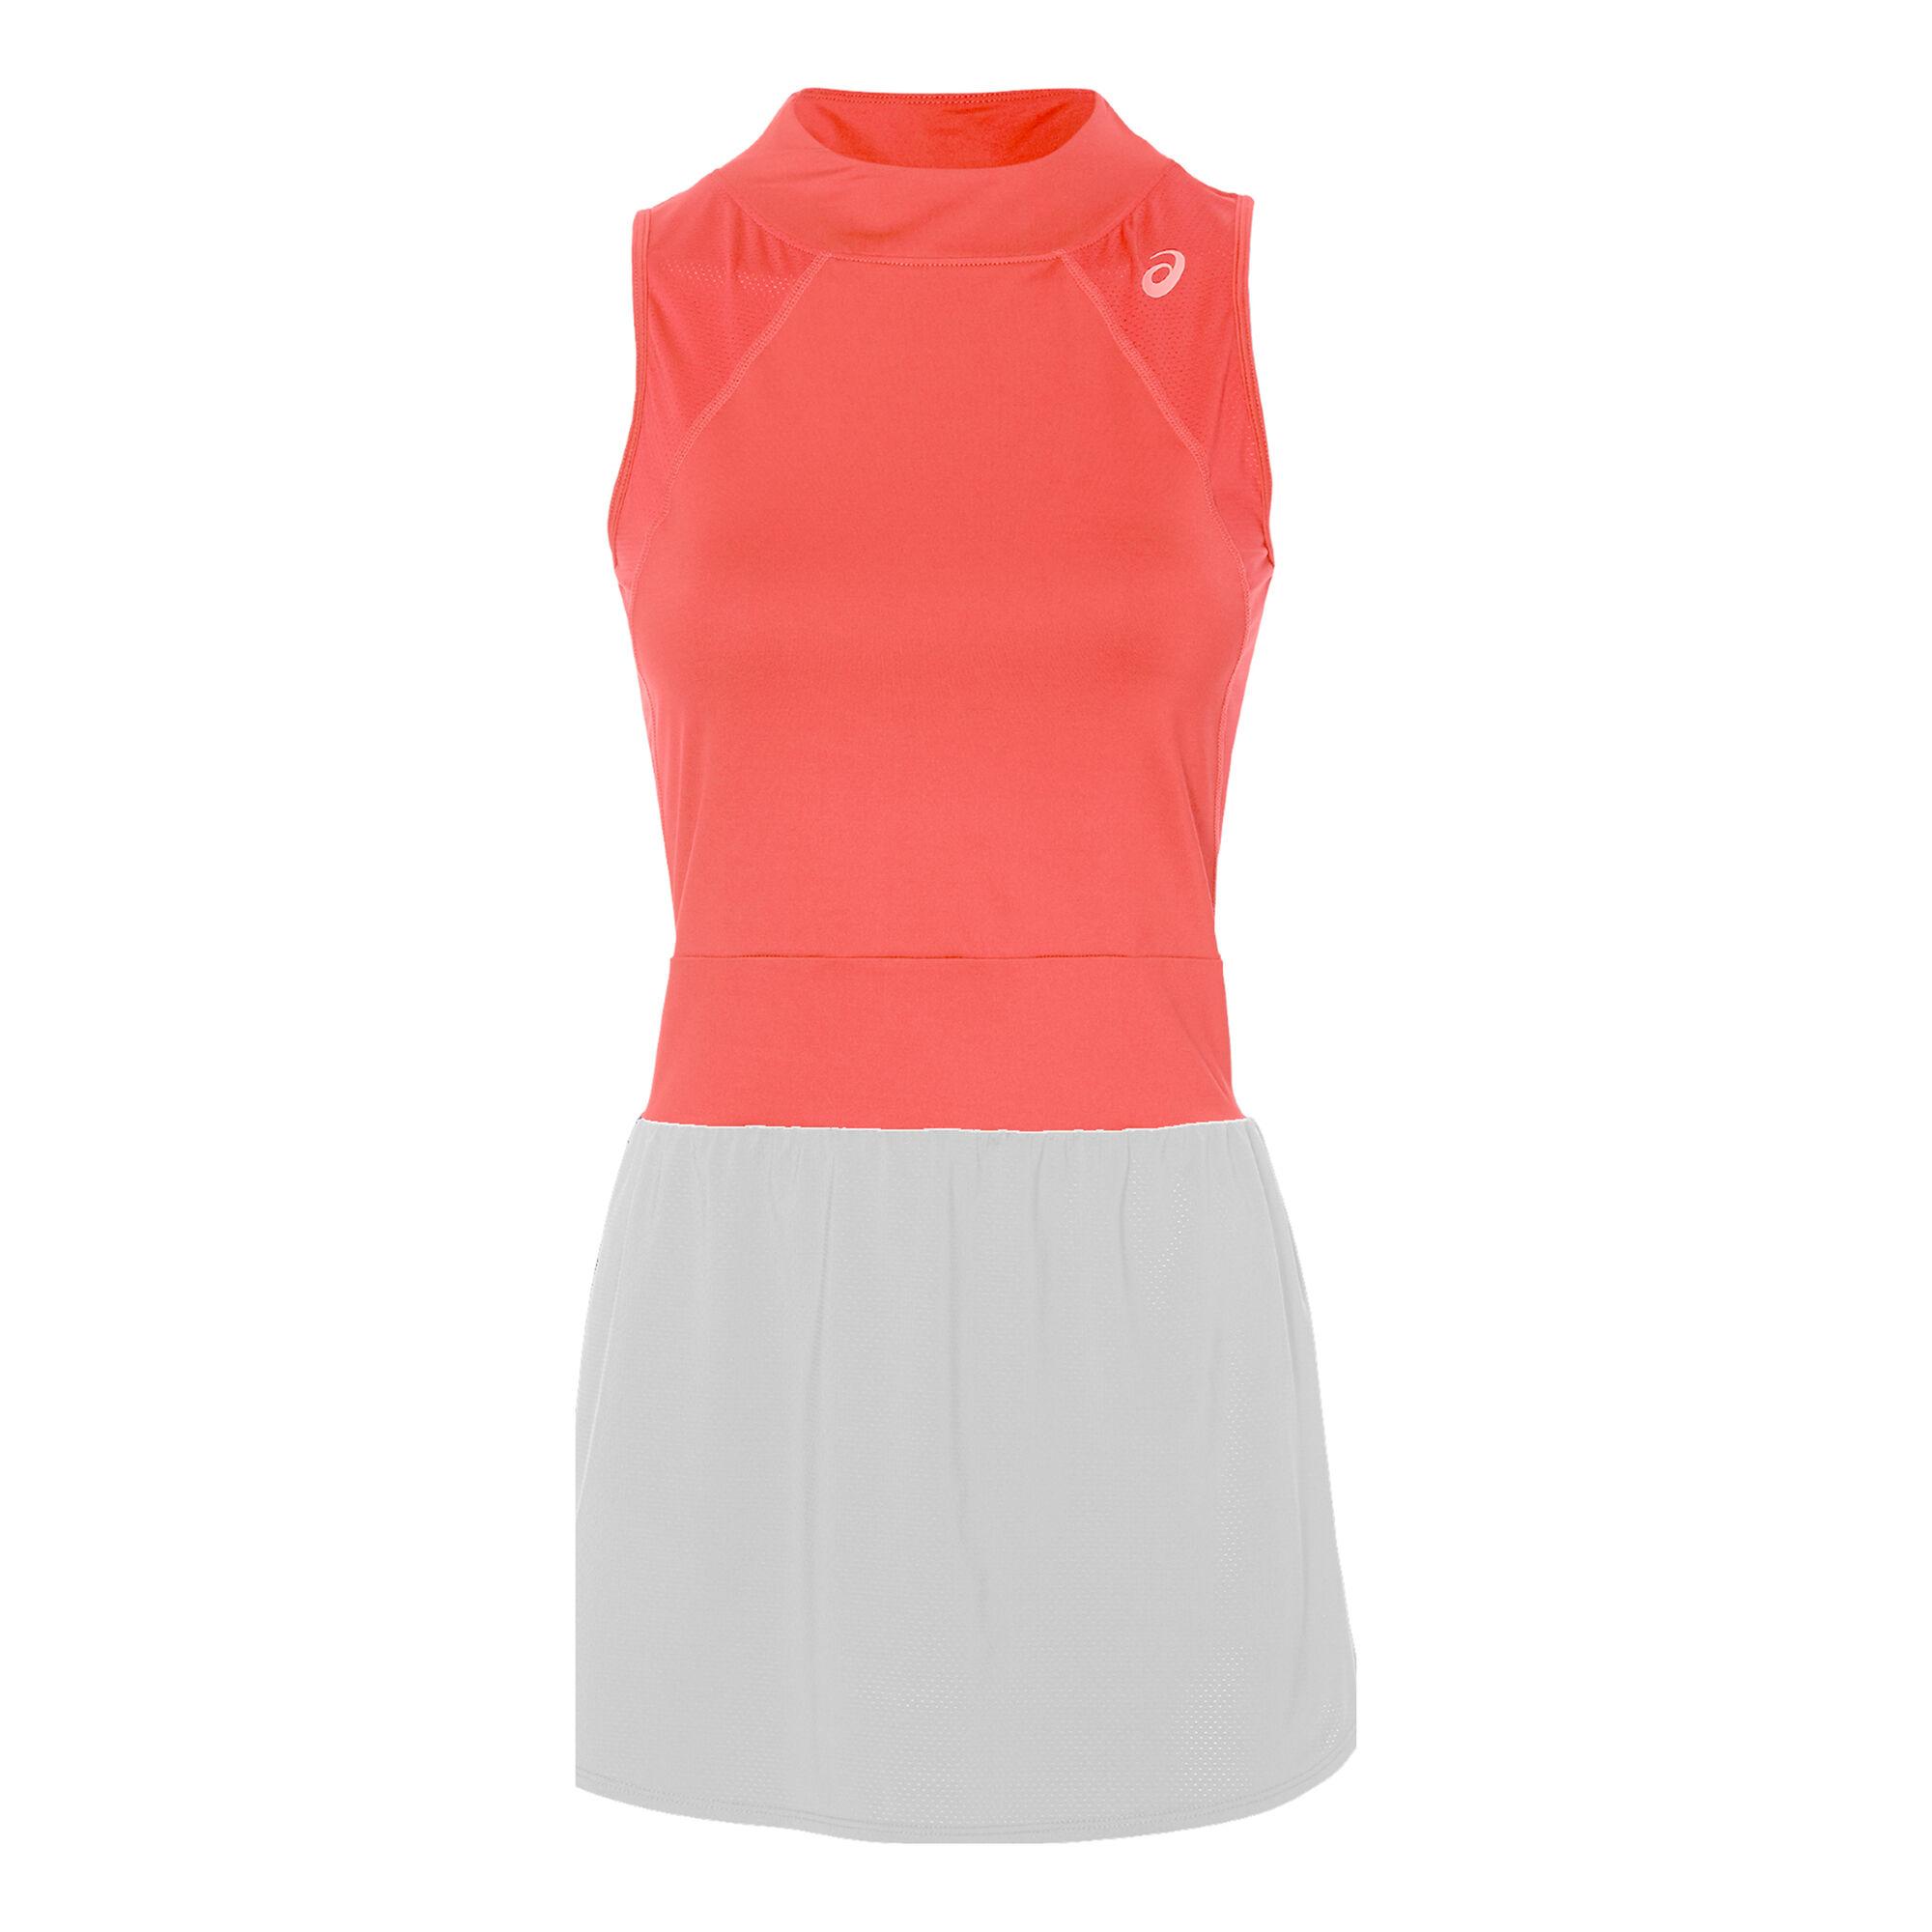 Asics Gel-Cool Kleid Damen - Koralle, Grau online kaufen ...